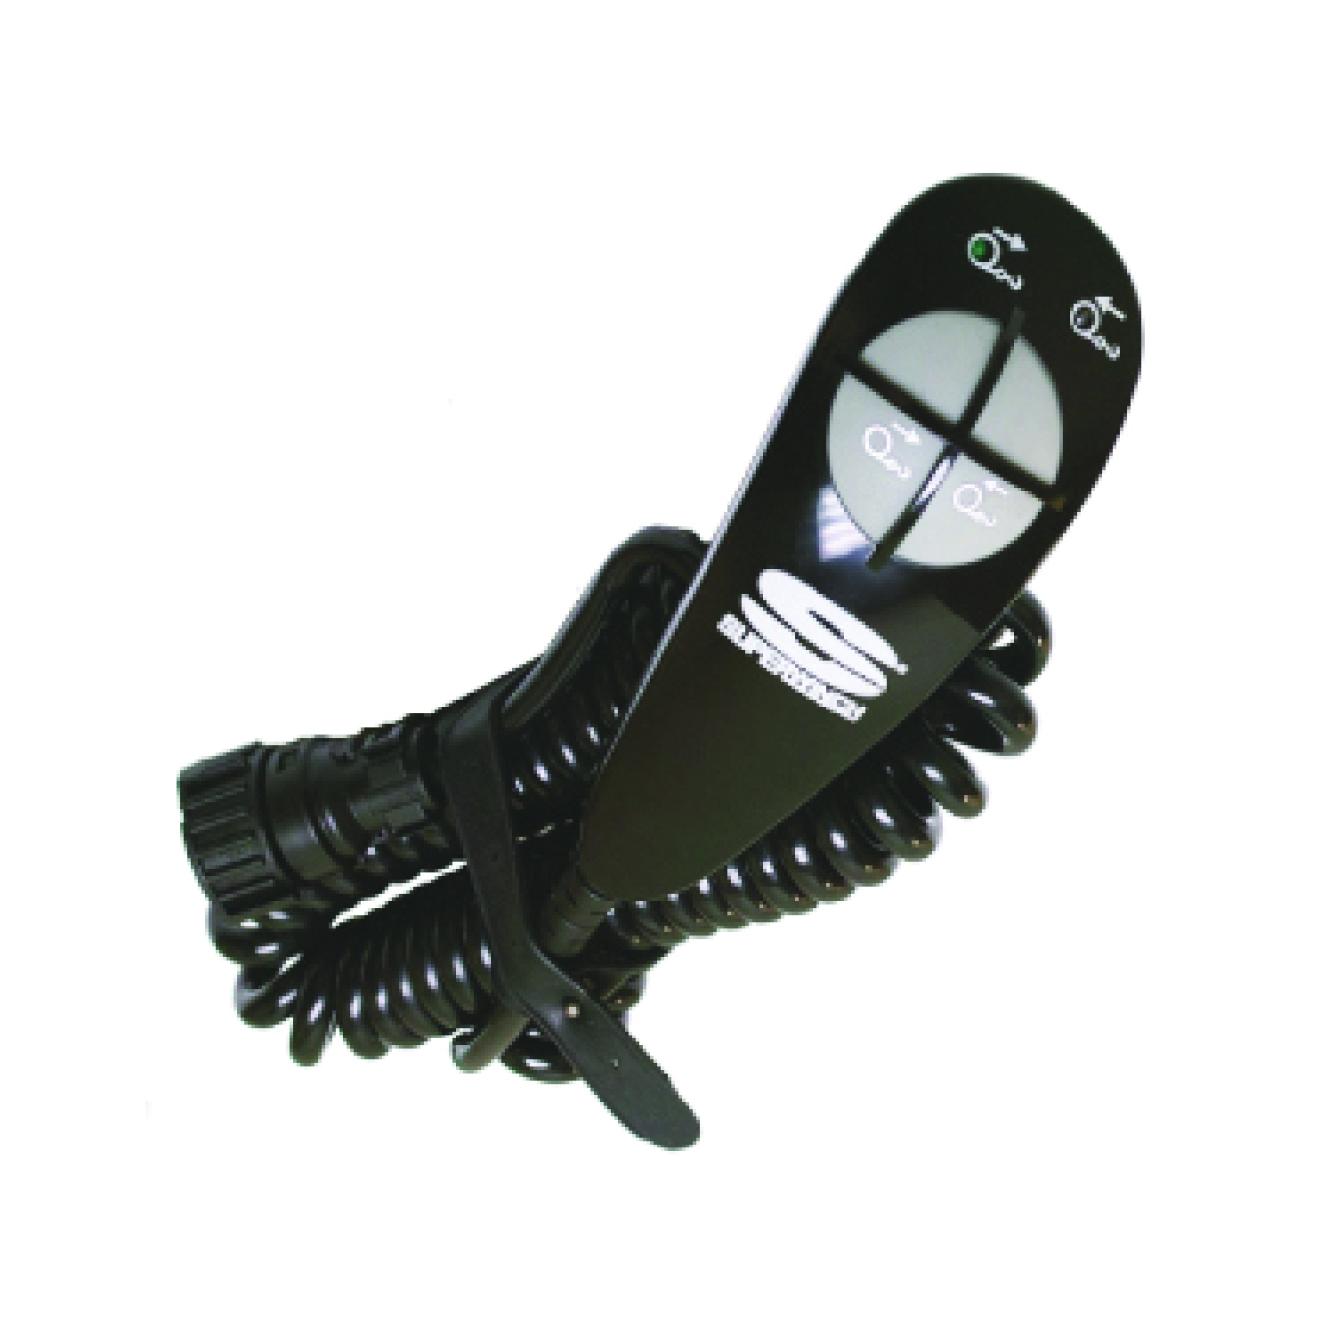 Superwinch Handheld remote 90-32471